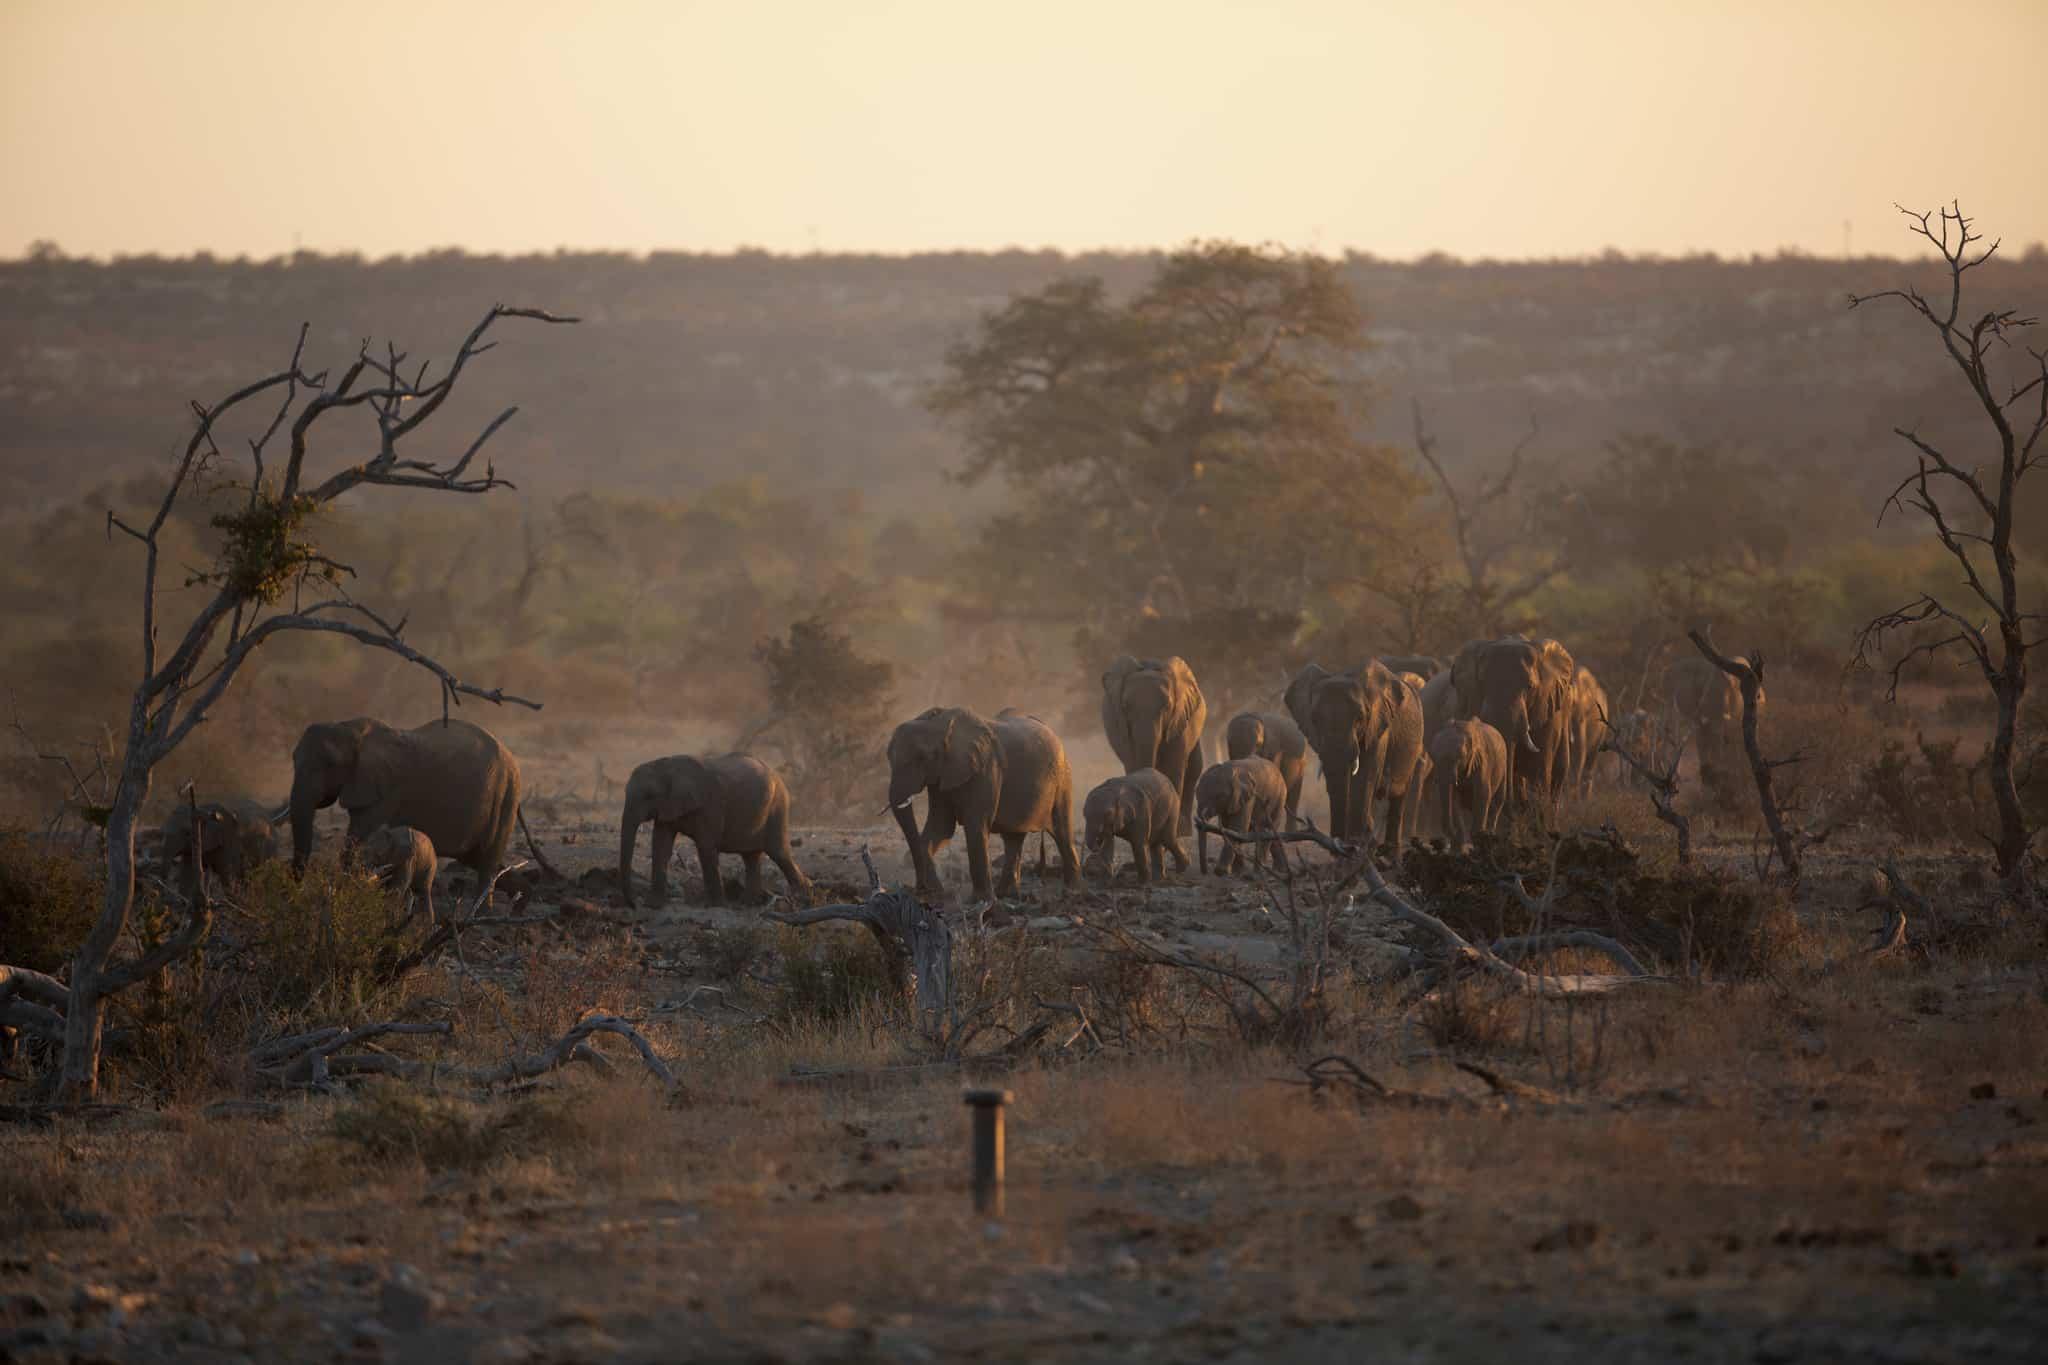 Elephants roaming in De Beers' Venetia Limpopo nature reserve